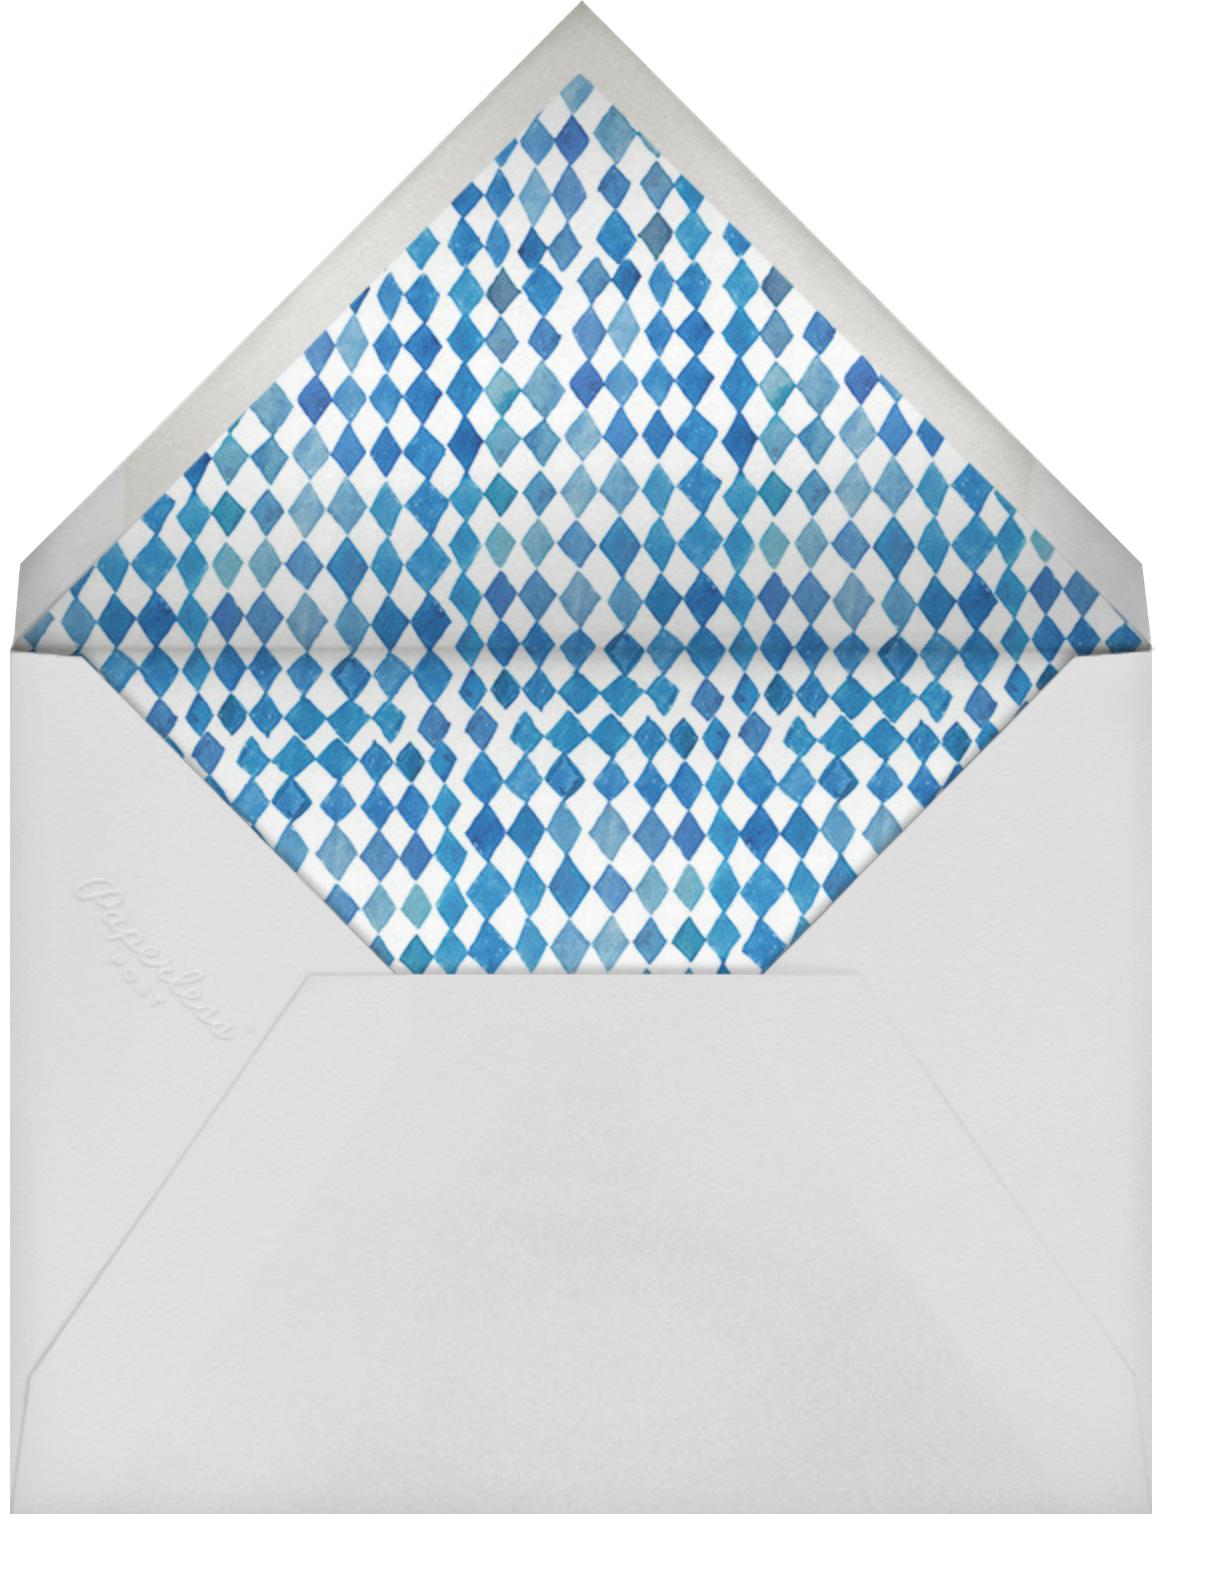 Slipper Room - Happy Menocal - General entertaining - envelope back